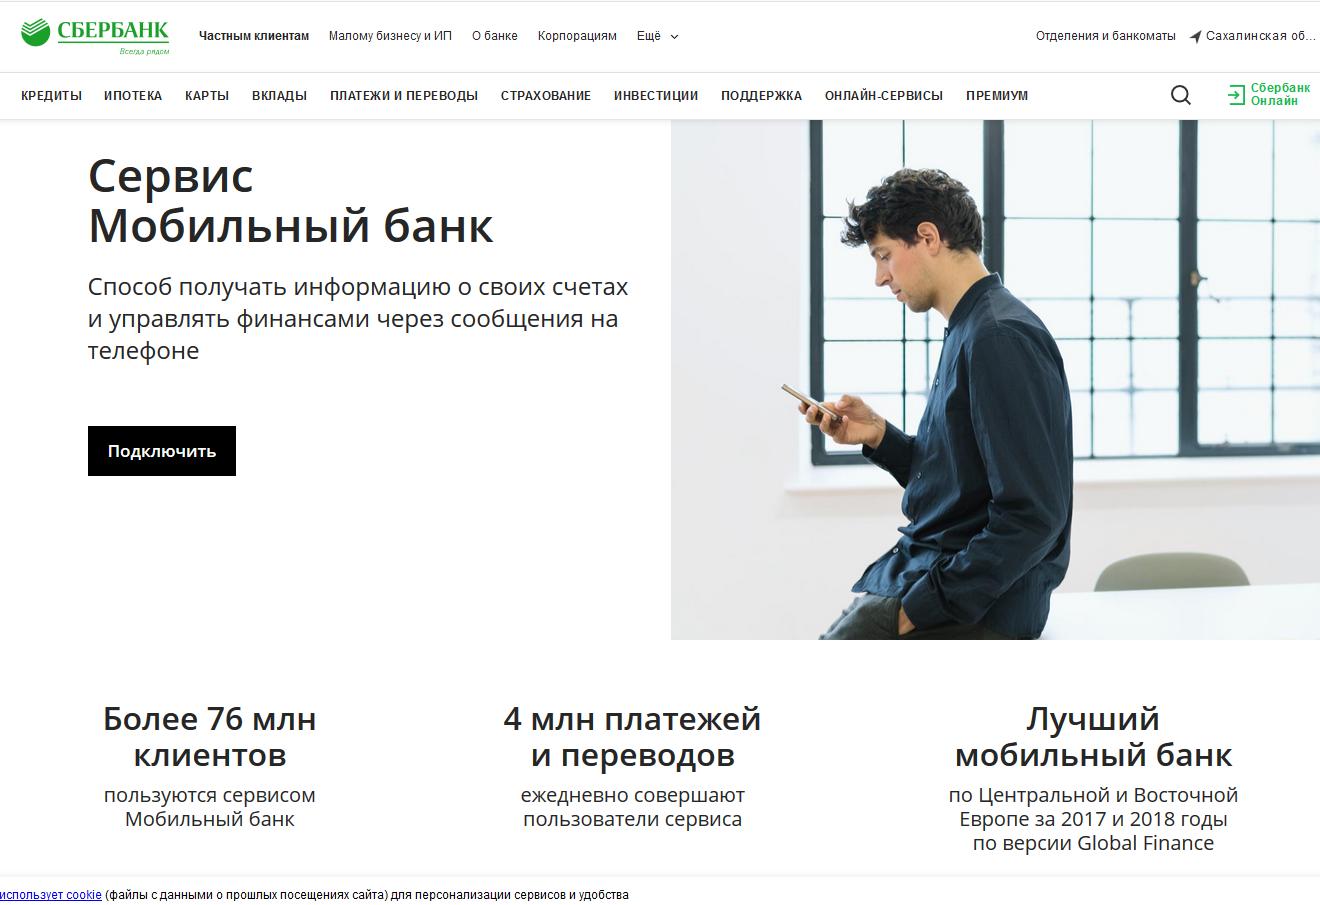 Изображение - Чем отличается мобильный банк от сбербанк онлайн 1-Mobilnyiy-bank